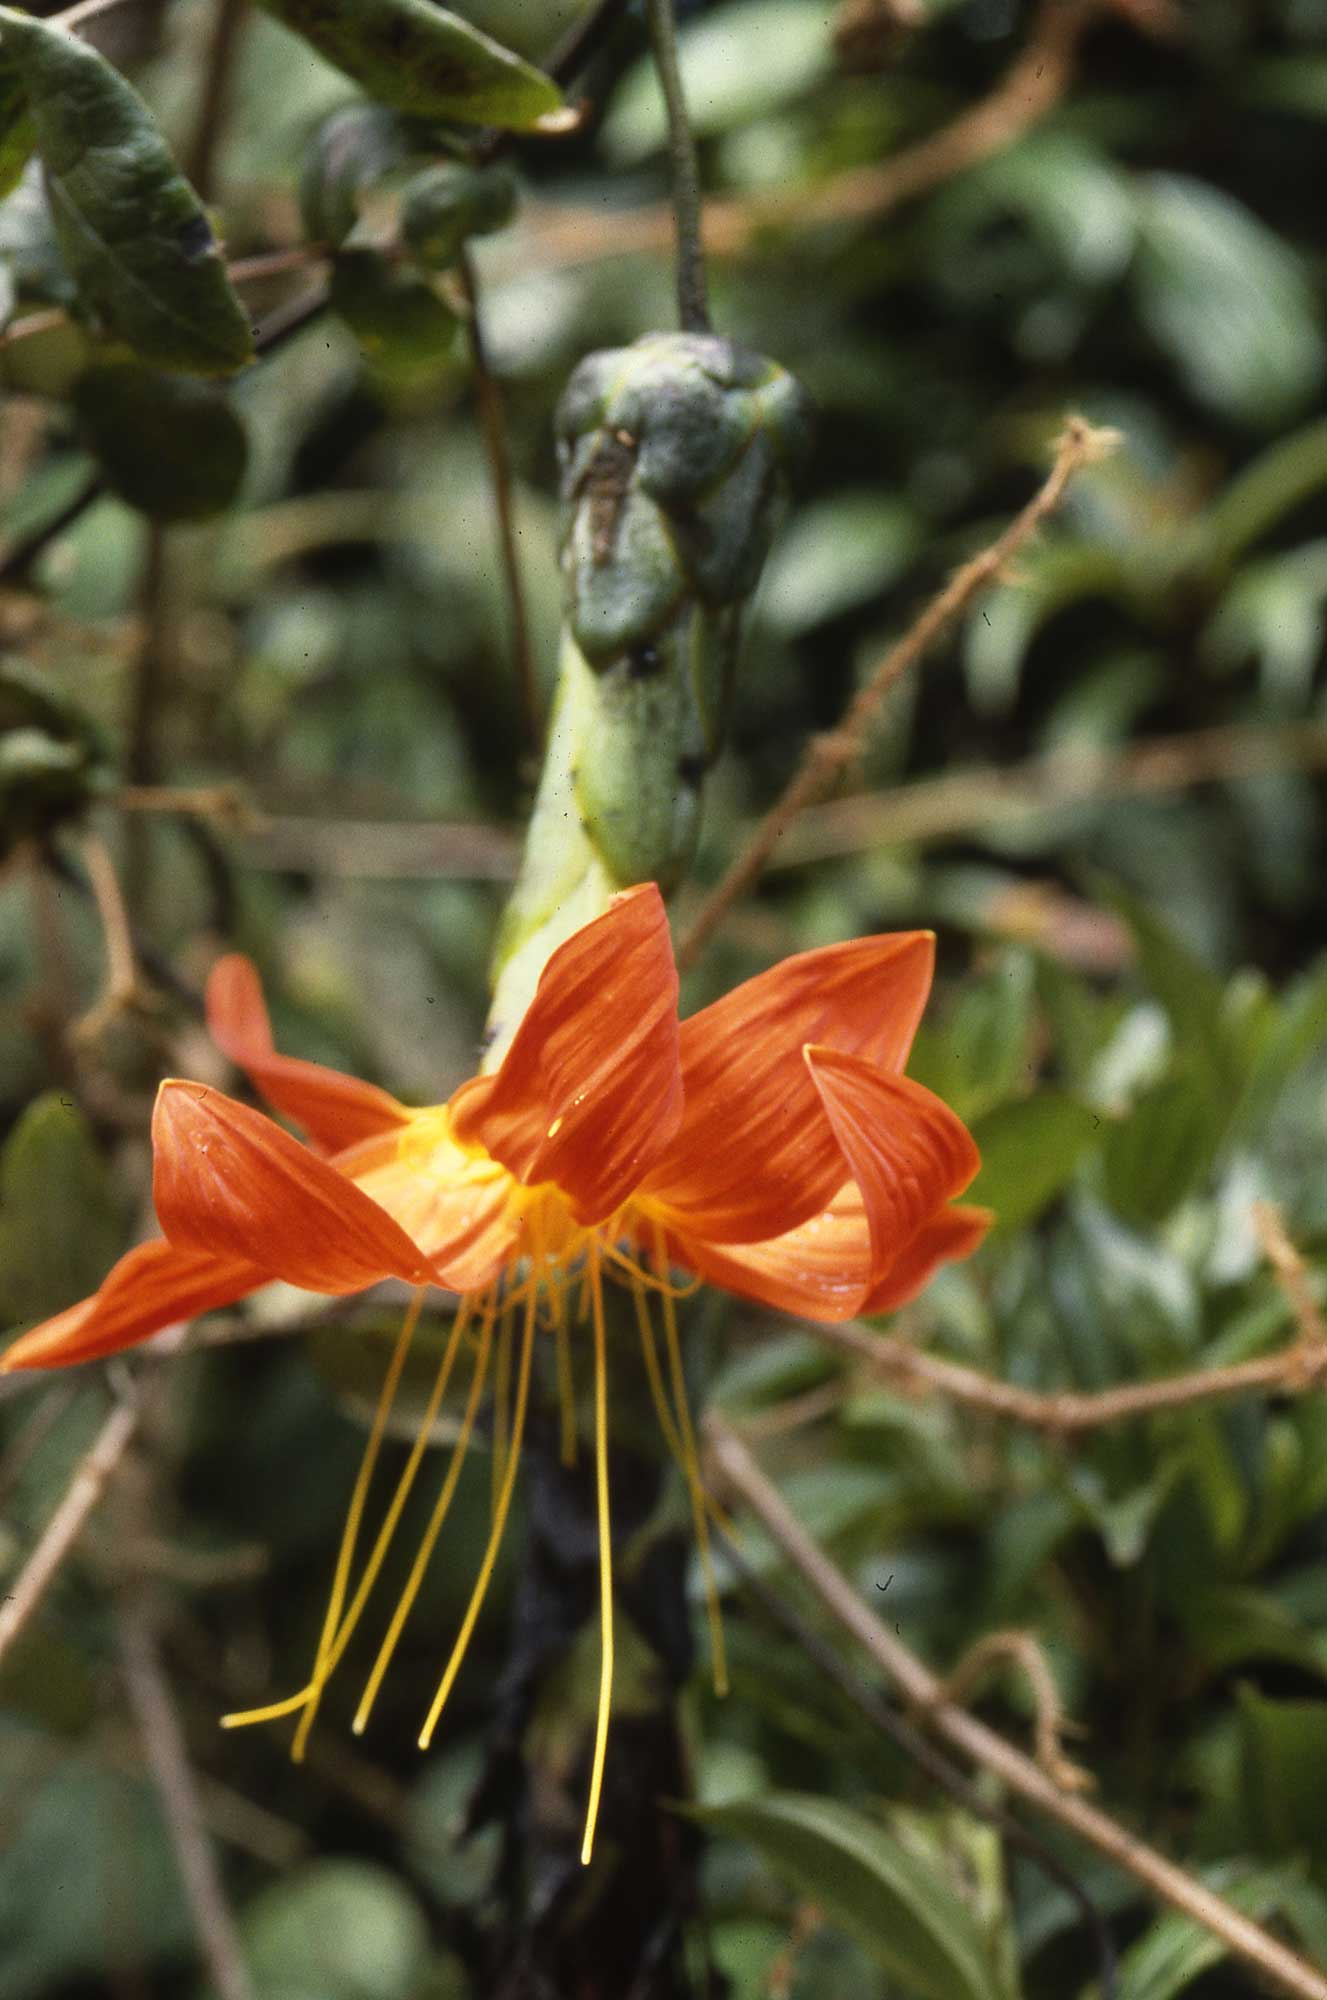 Mutisia magnifica, uma planta florida restrita ao Equador. É membro da família Asteraceae, a segunda família de plantas mais diversas nas Américas. Crédito de imagem: C. Ulloa